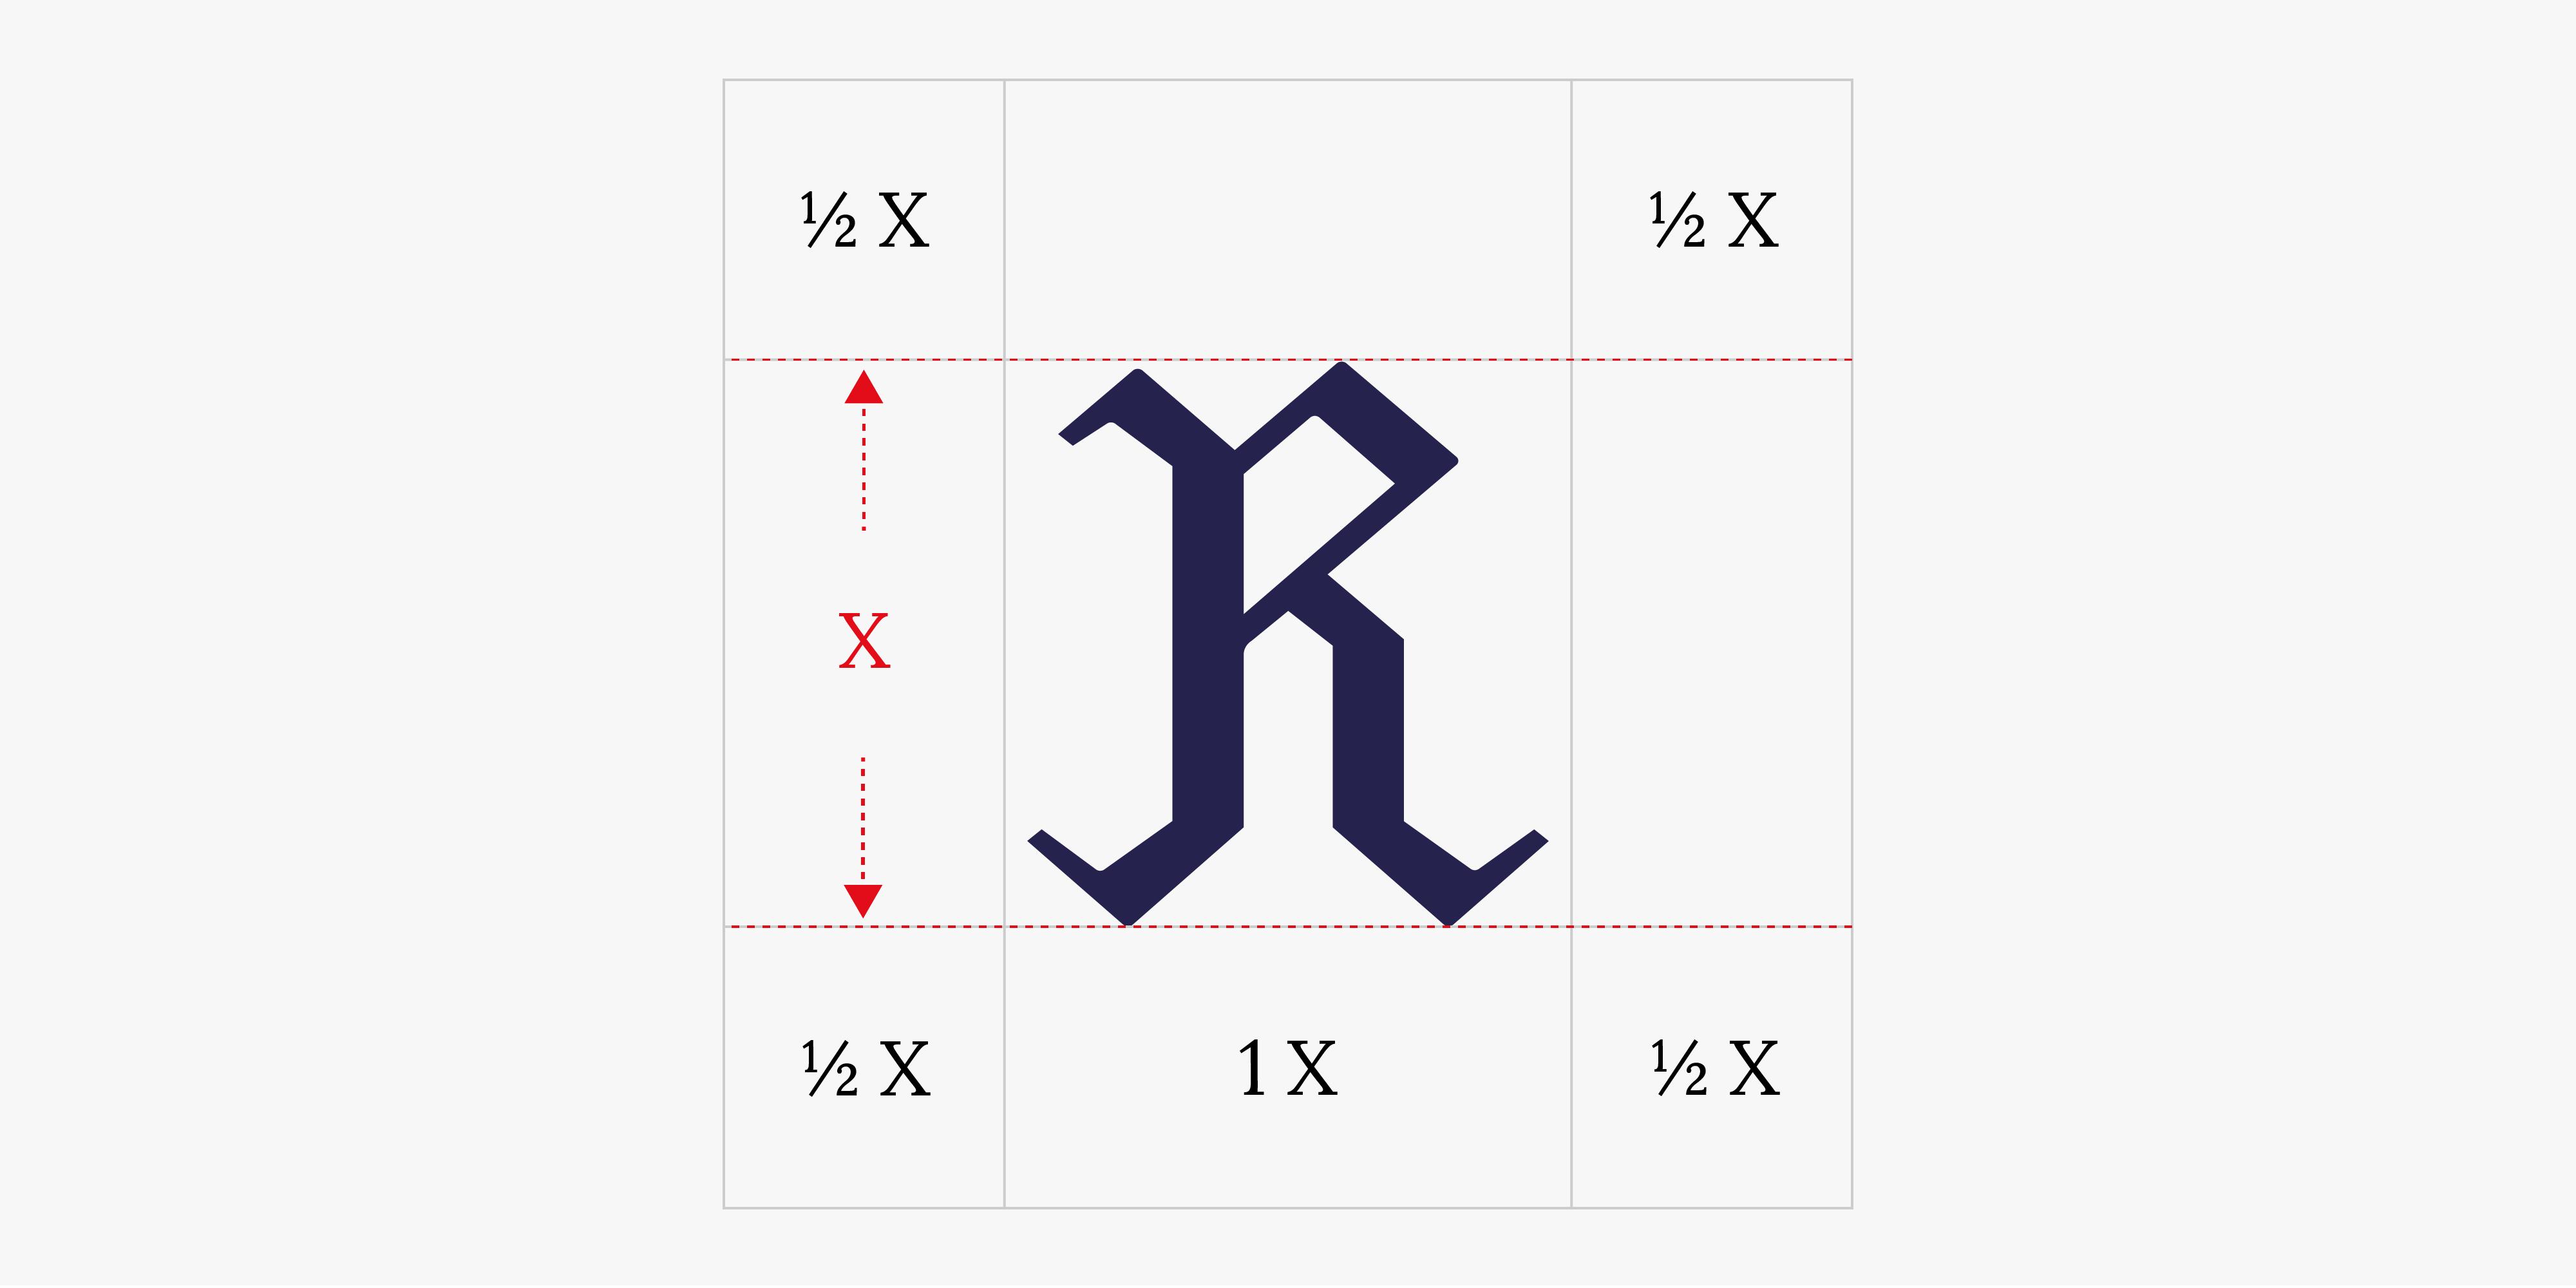 R-merkki-suoja-alue-X